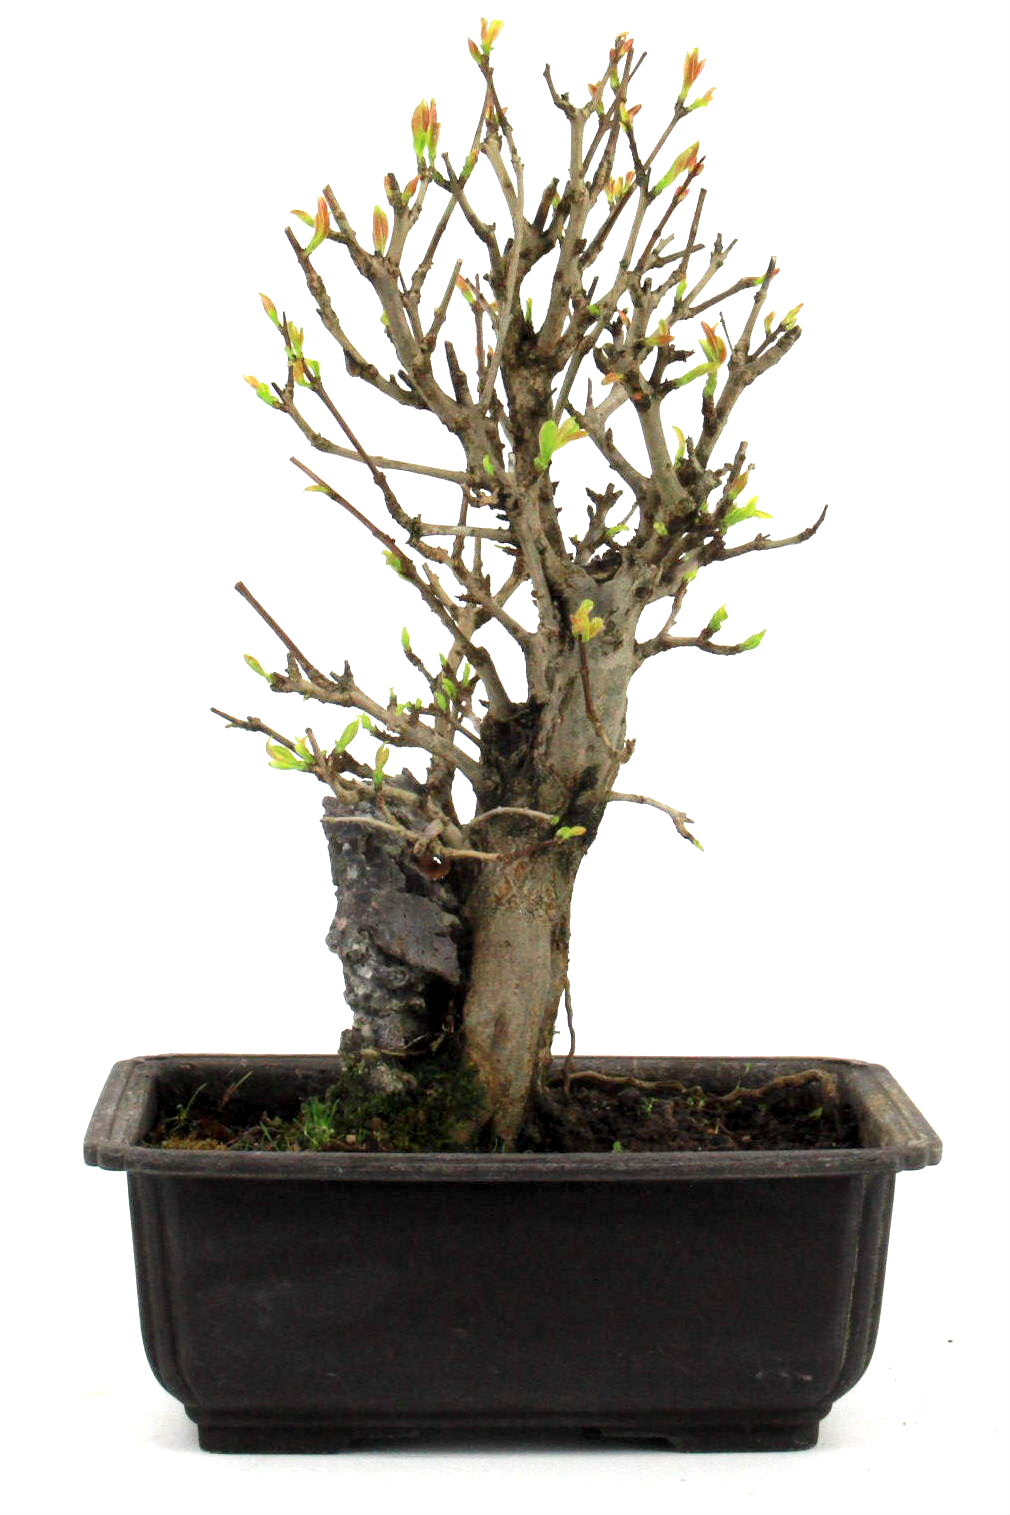 granatapfel ber stein 31 cm 183 bei oyaki bonsai kaufen. Black Bedroom Furniture Sets. Home Design Ideas